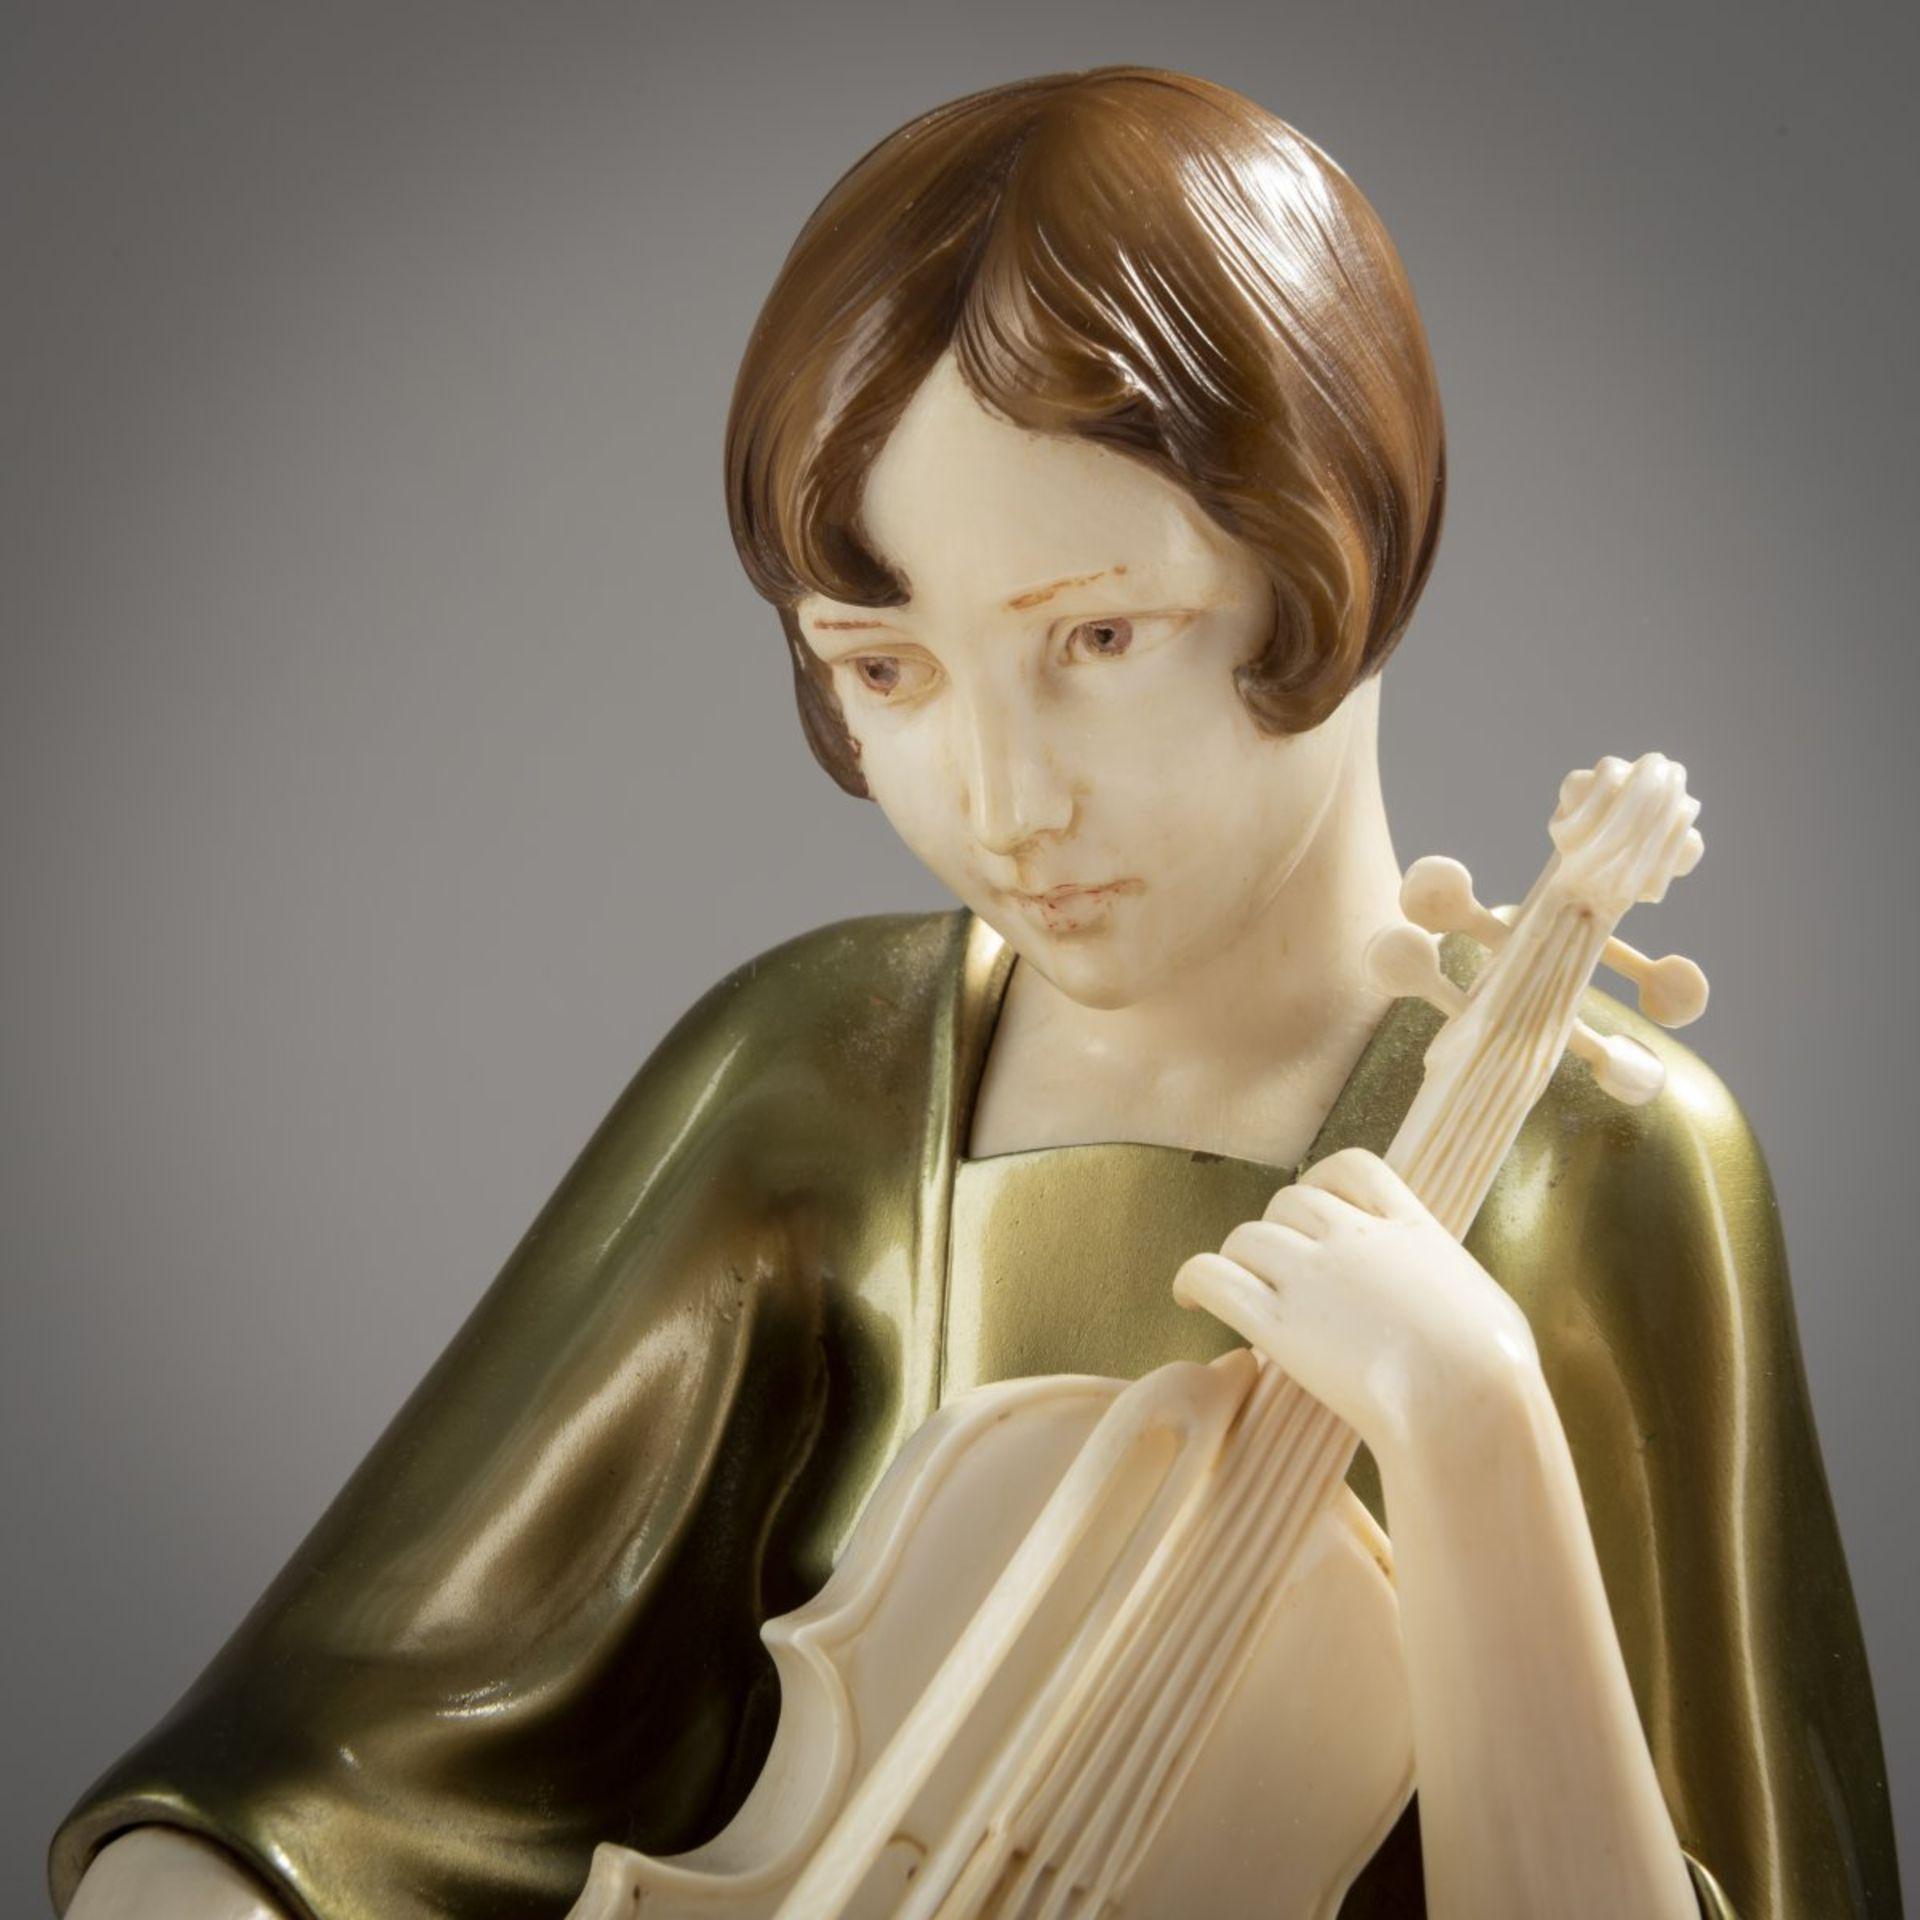 Paul Philippe , 'Violinespielerin', um 1925 - Bild 5 aus 8